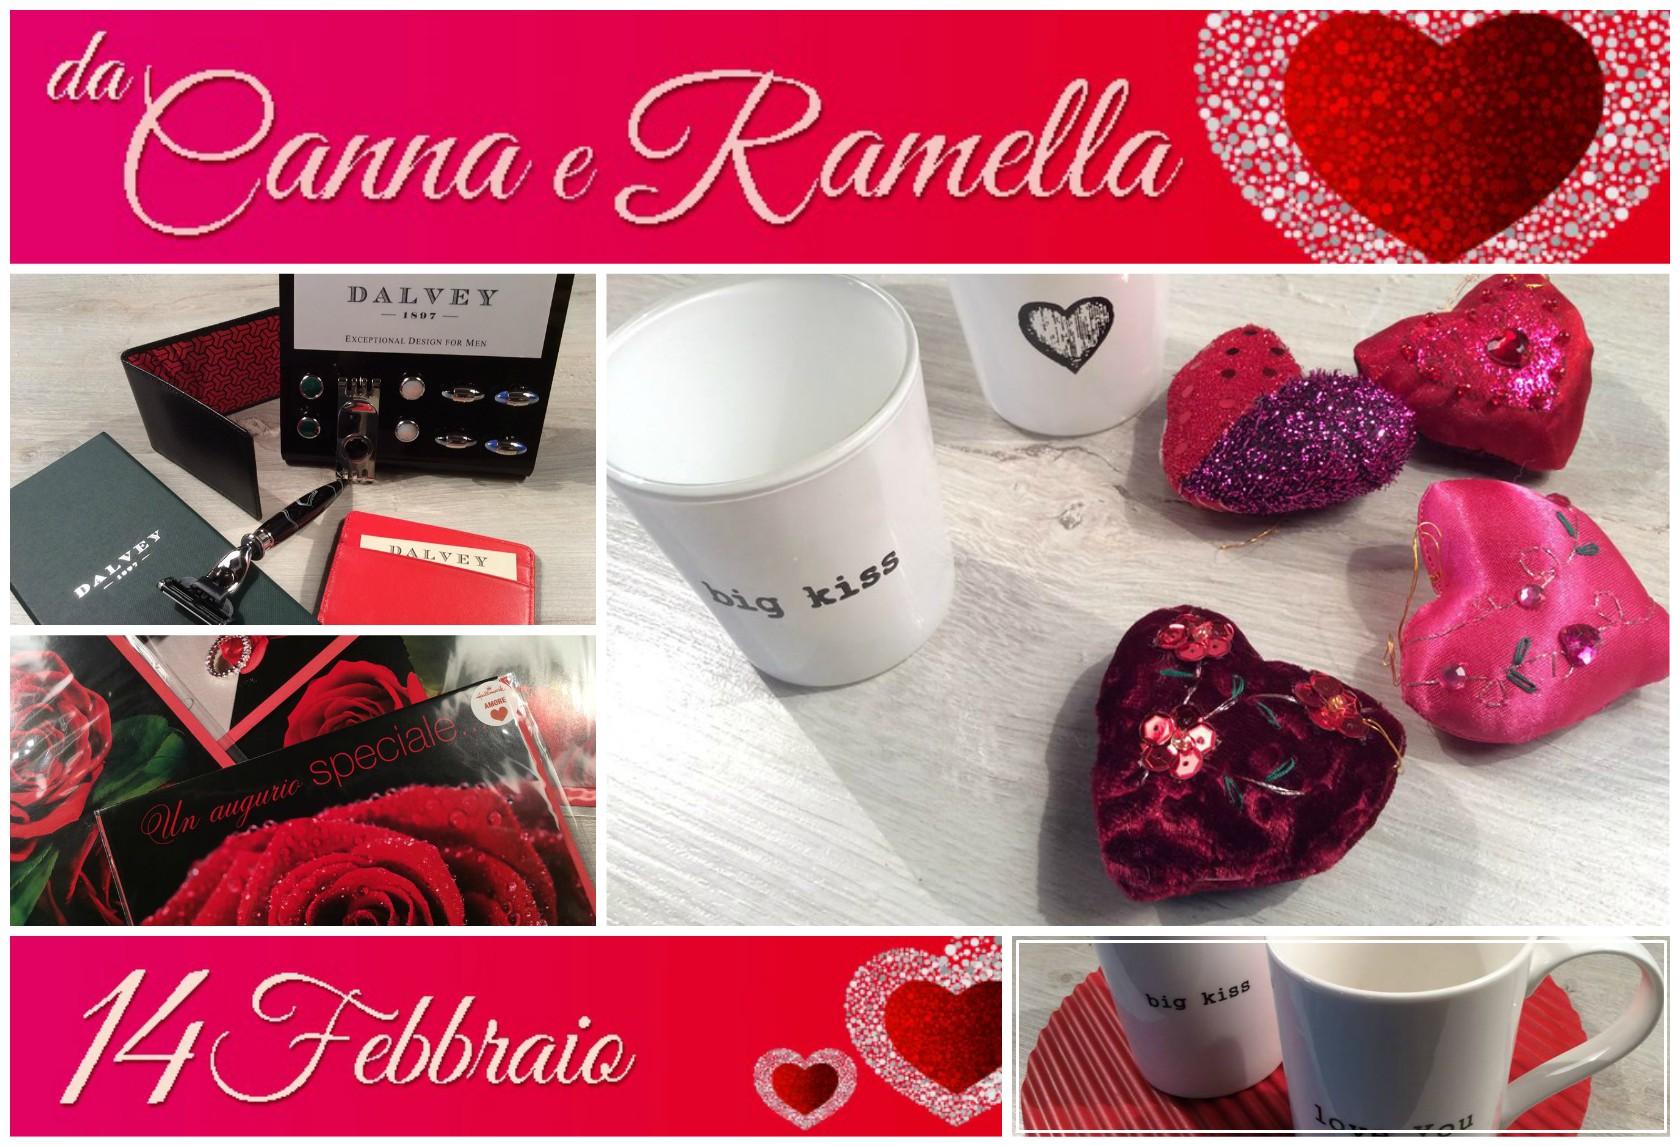 Imperia Le Idee Regalo Per San Valentino Di Canna Ramella Per Lei